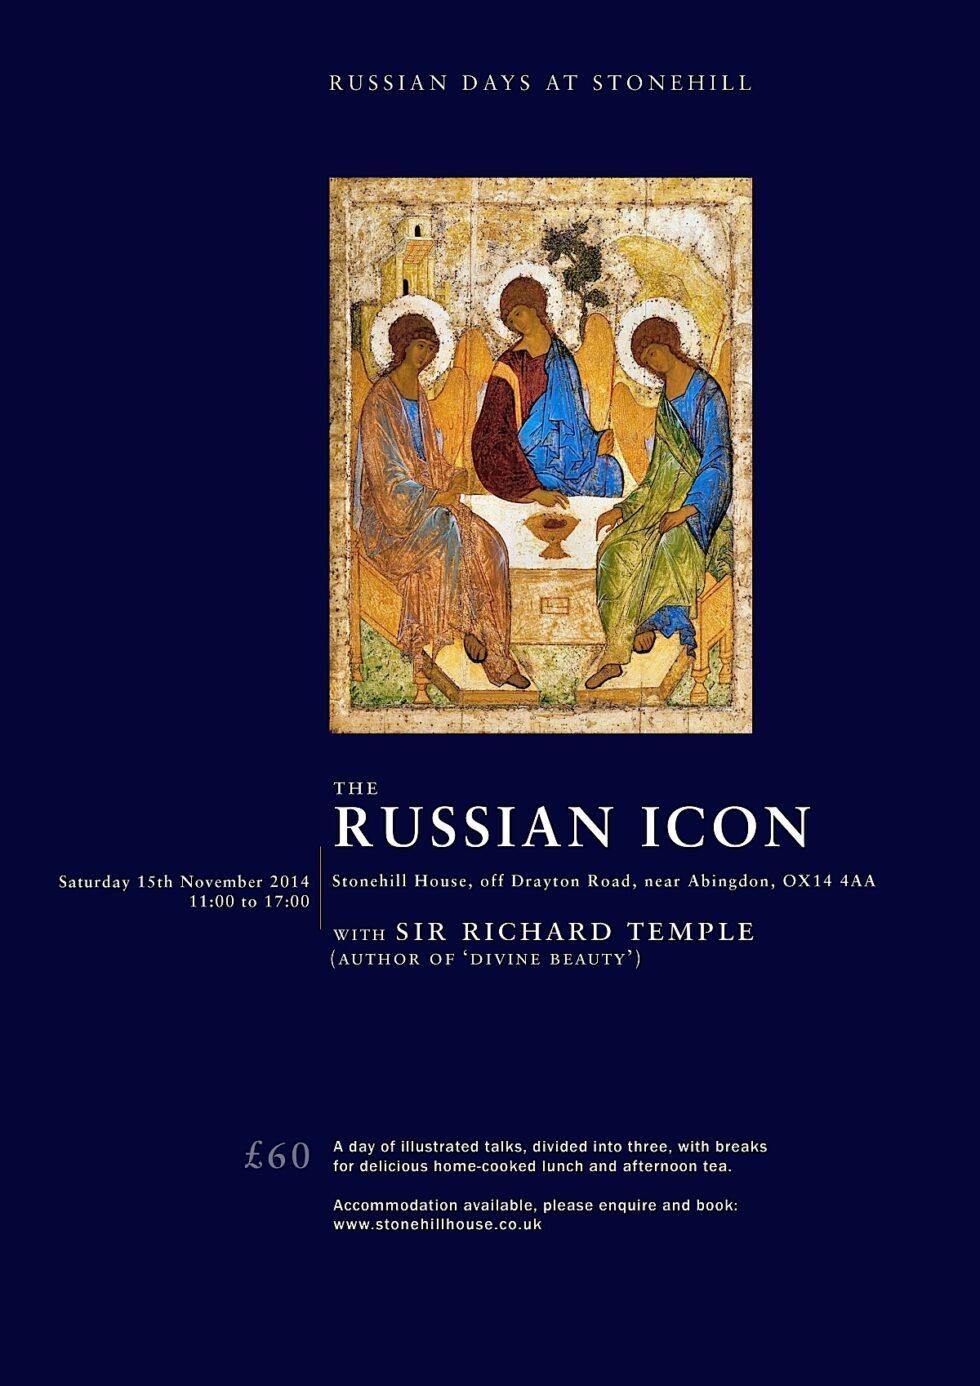 RUSSIAN-ICON